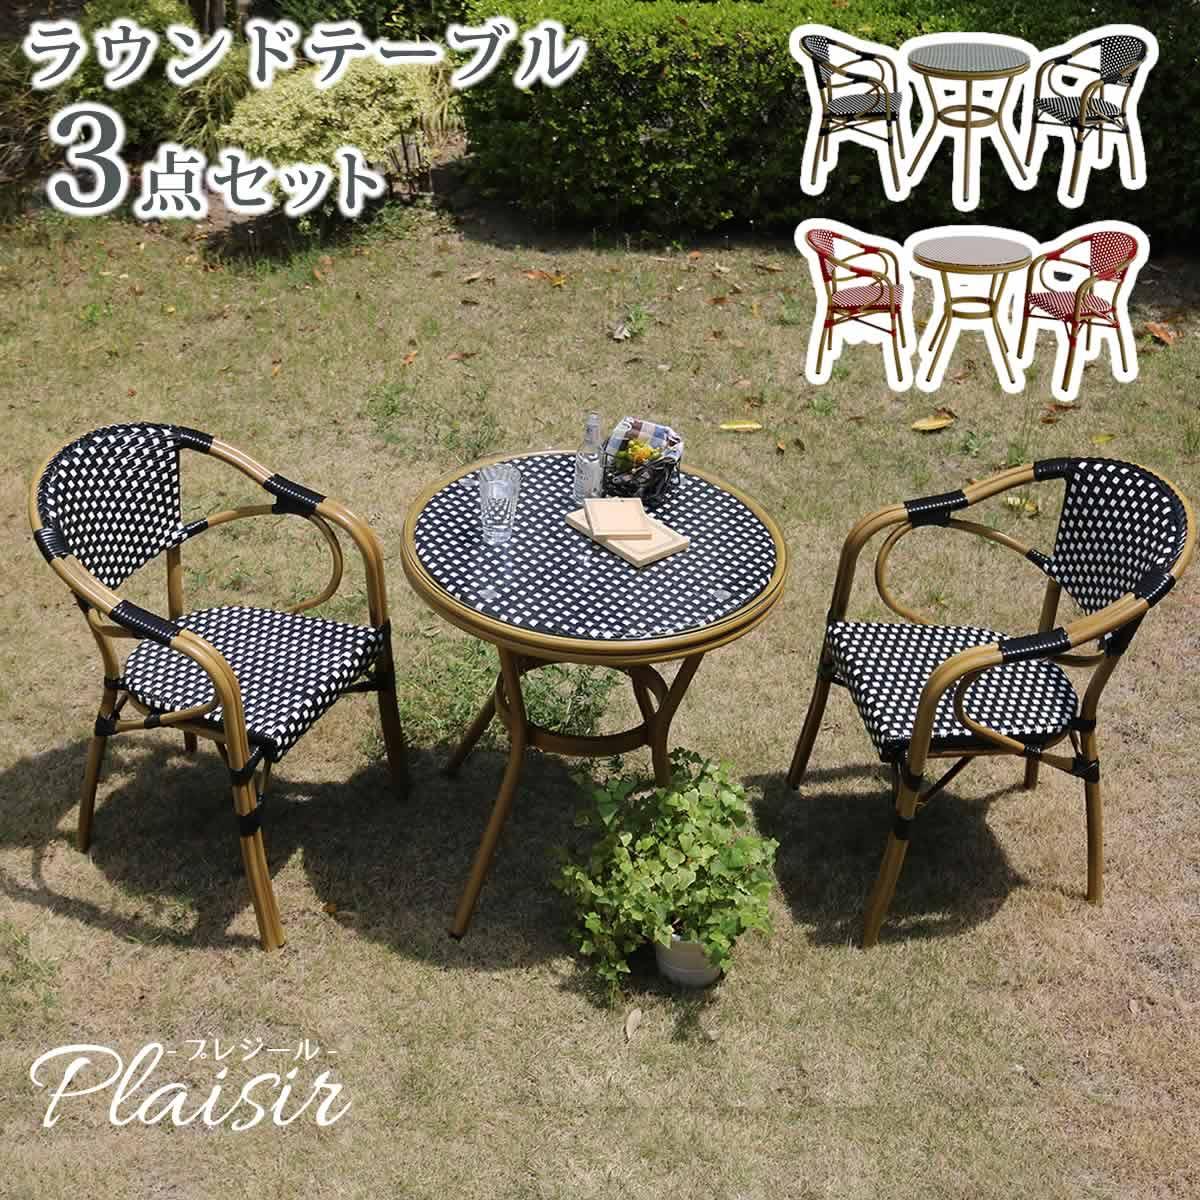 自宅がパリのオープンカフェに 大決算セール 実際に欧米のカフェで使われている PLEAISIR プレジール シリーズ PLS-R70-3PSET ふるさと割 ラウンドテーブル3点セット